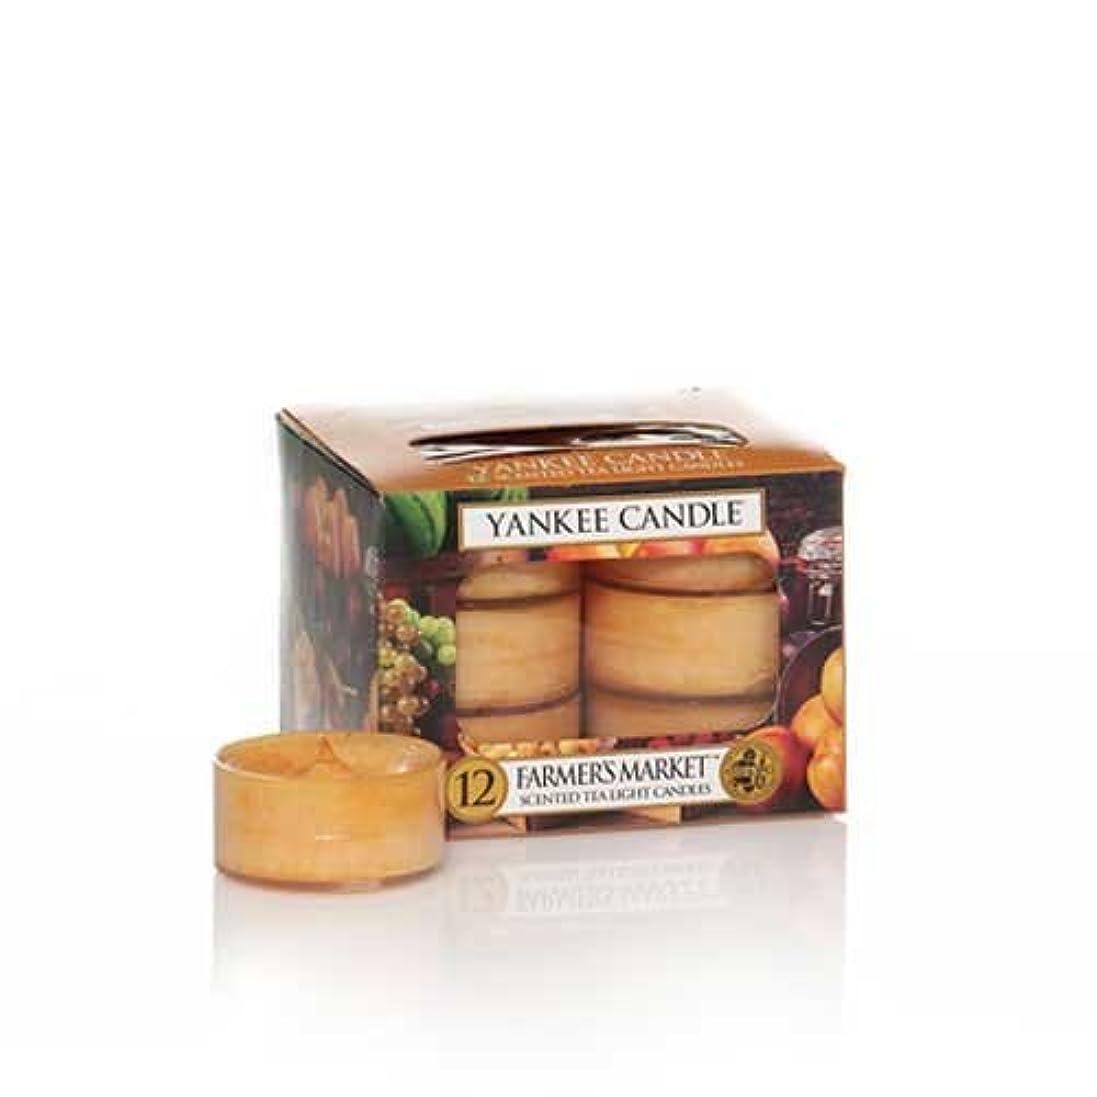 天文学貧しい未来Yankee Candle Farmer 's Market, Food & Spice香り Tea Light Candles オレンジ 1163587-YC